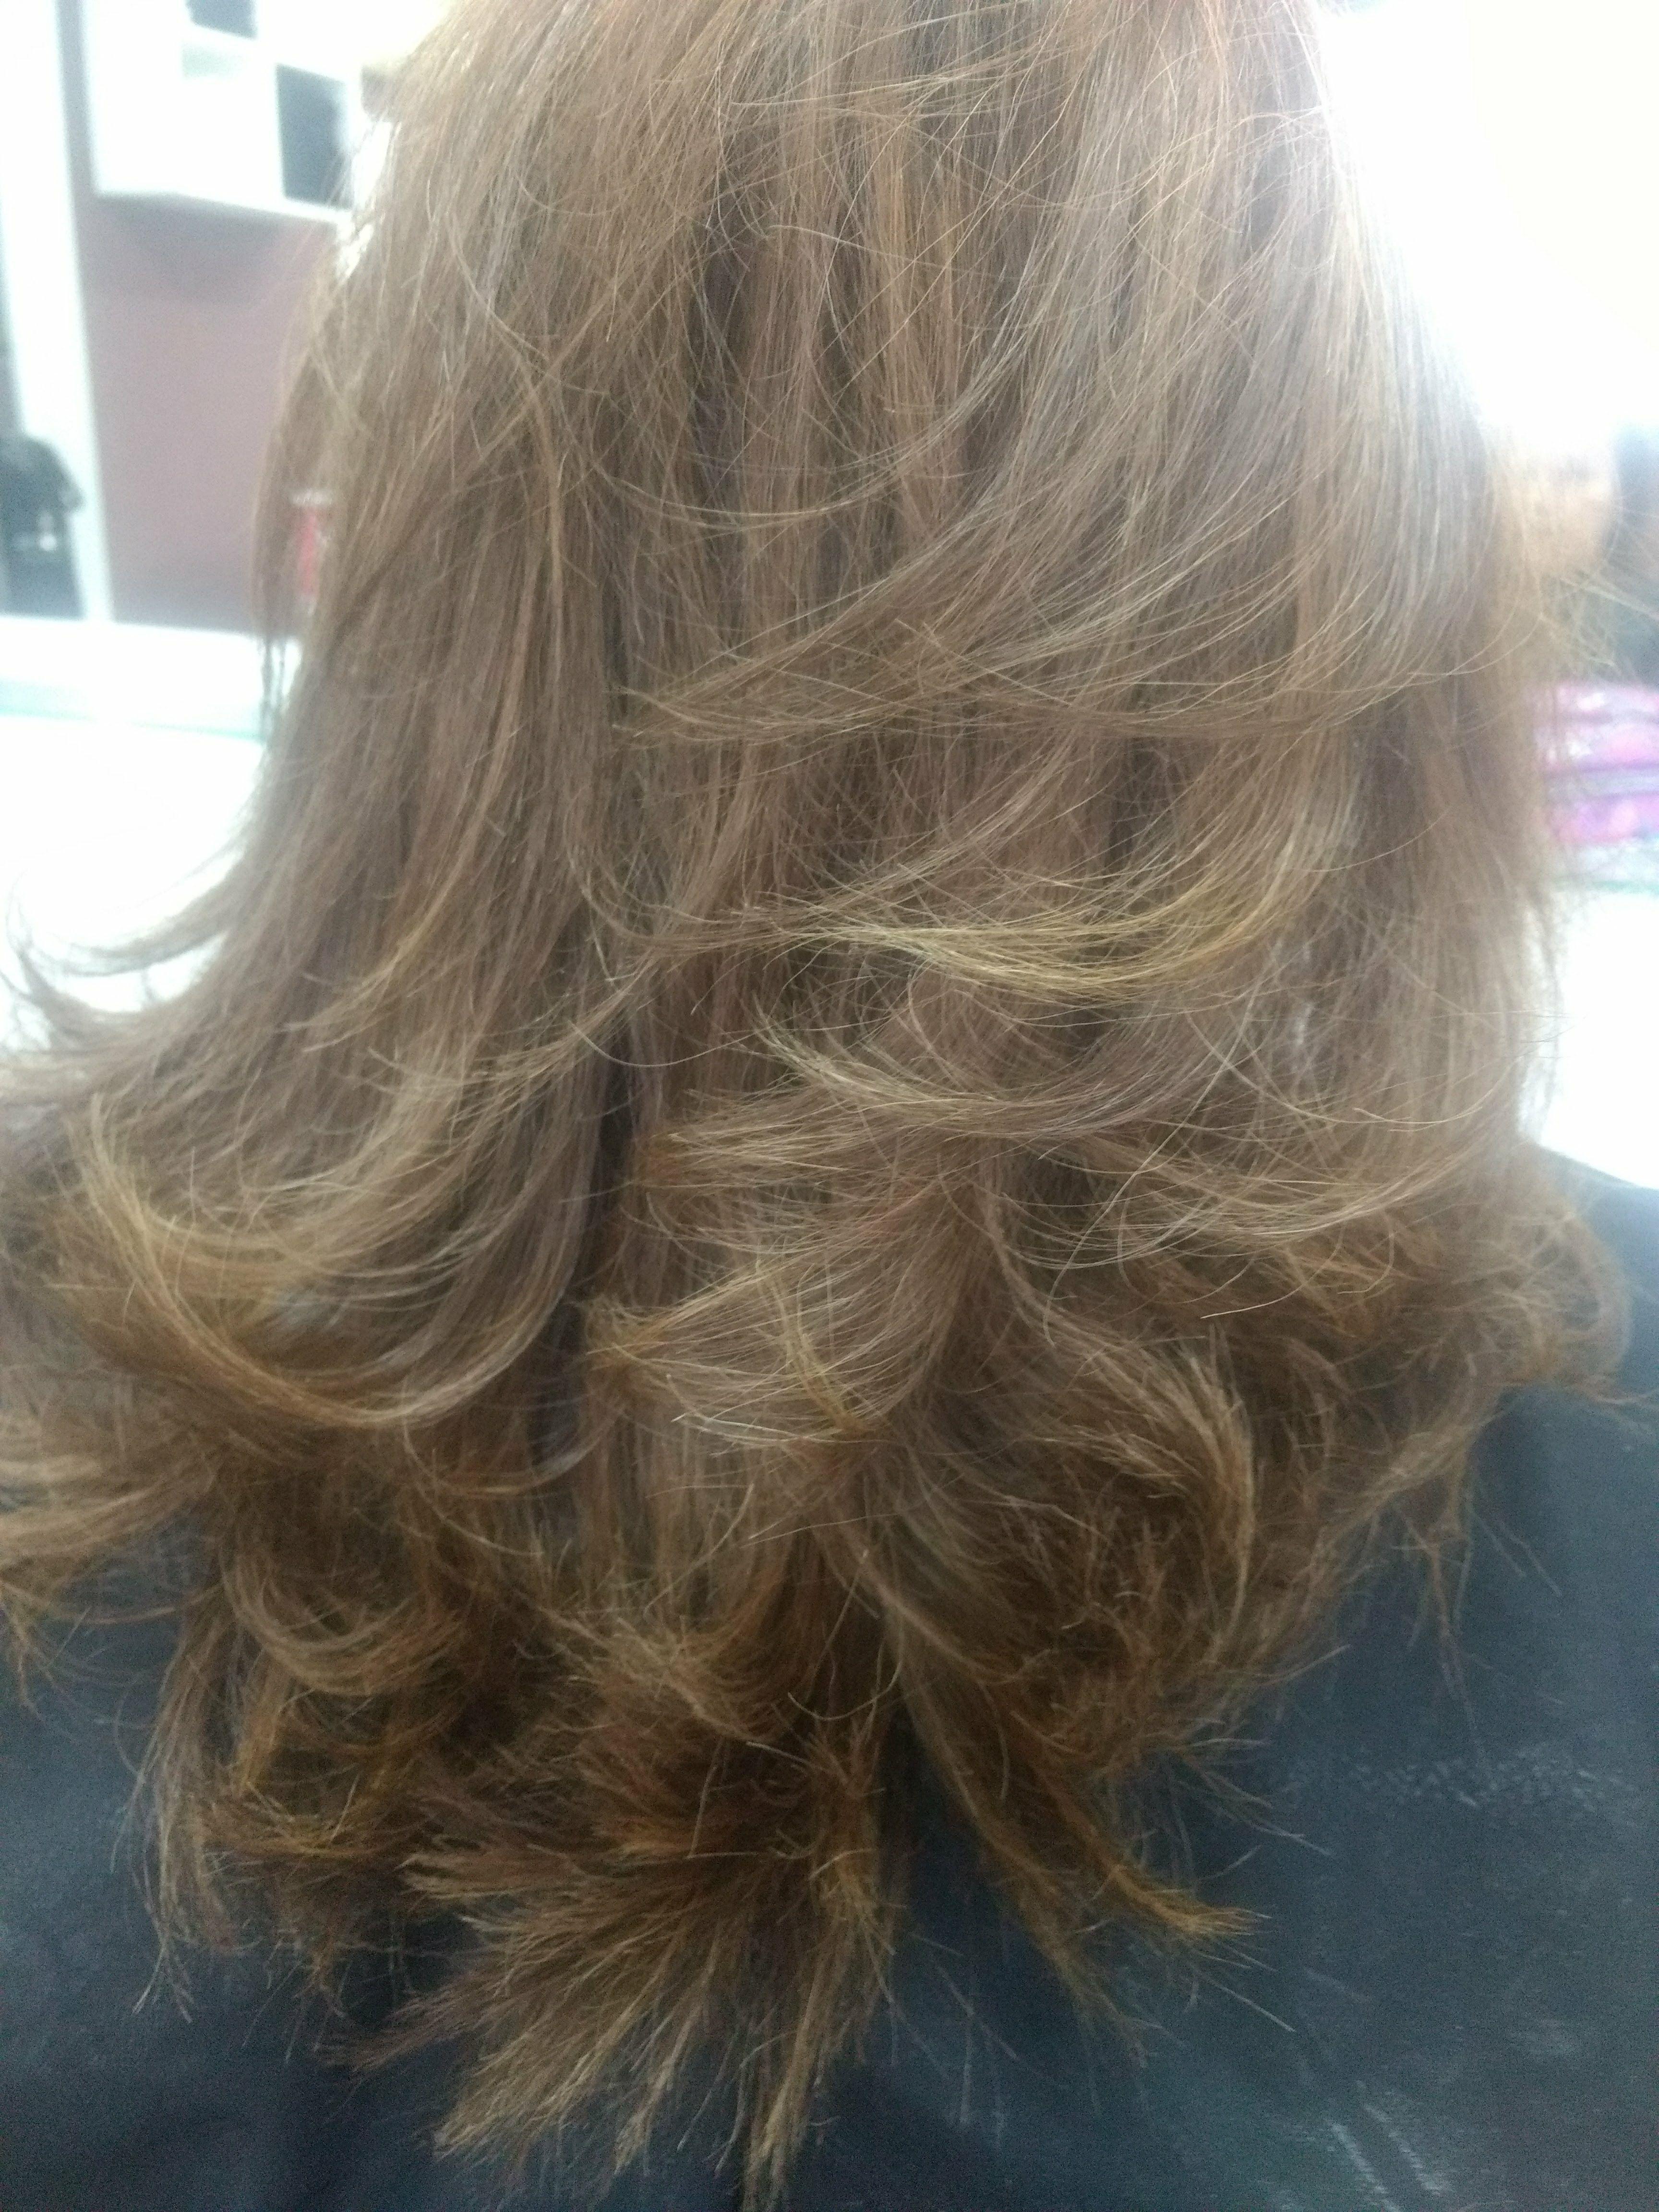 Uma bela escova modelada faz parte de uma finalização cabeleireiro(a)